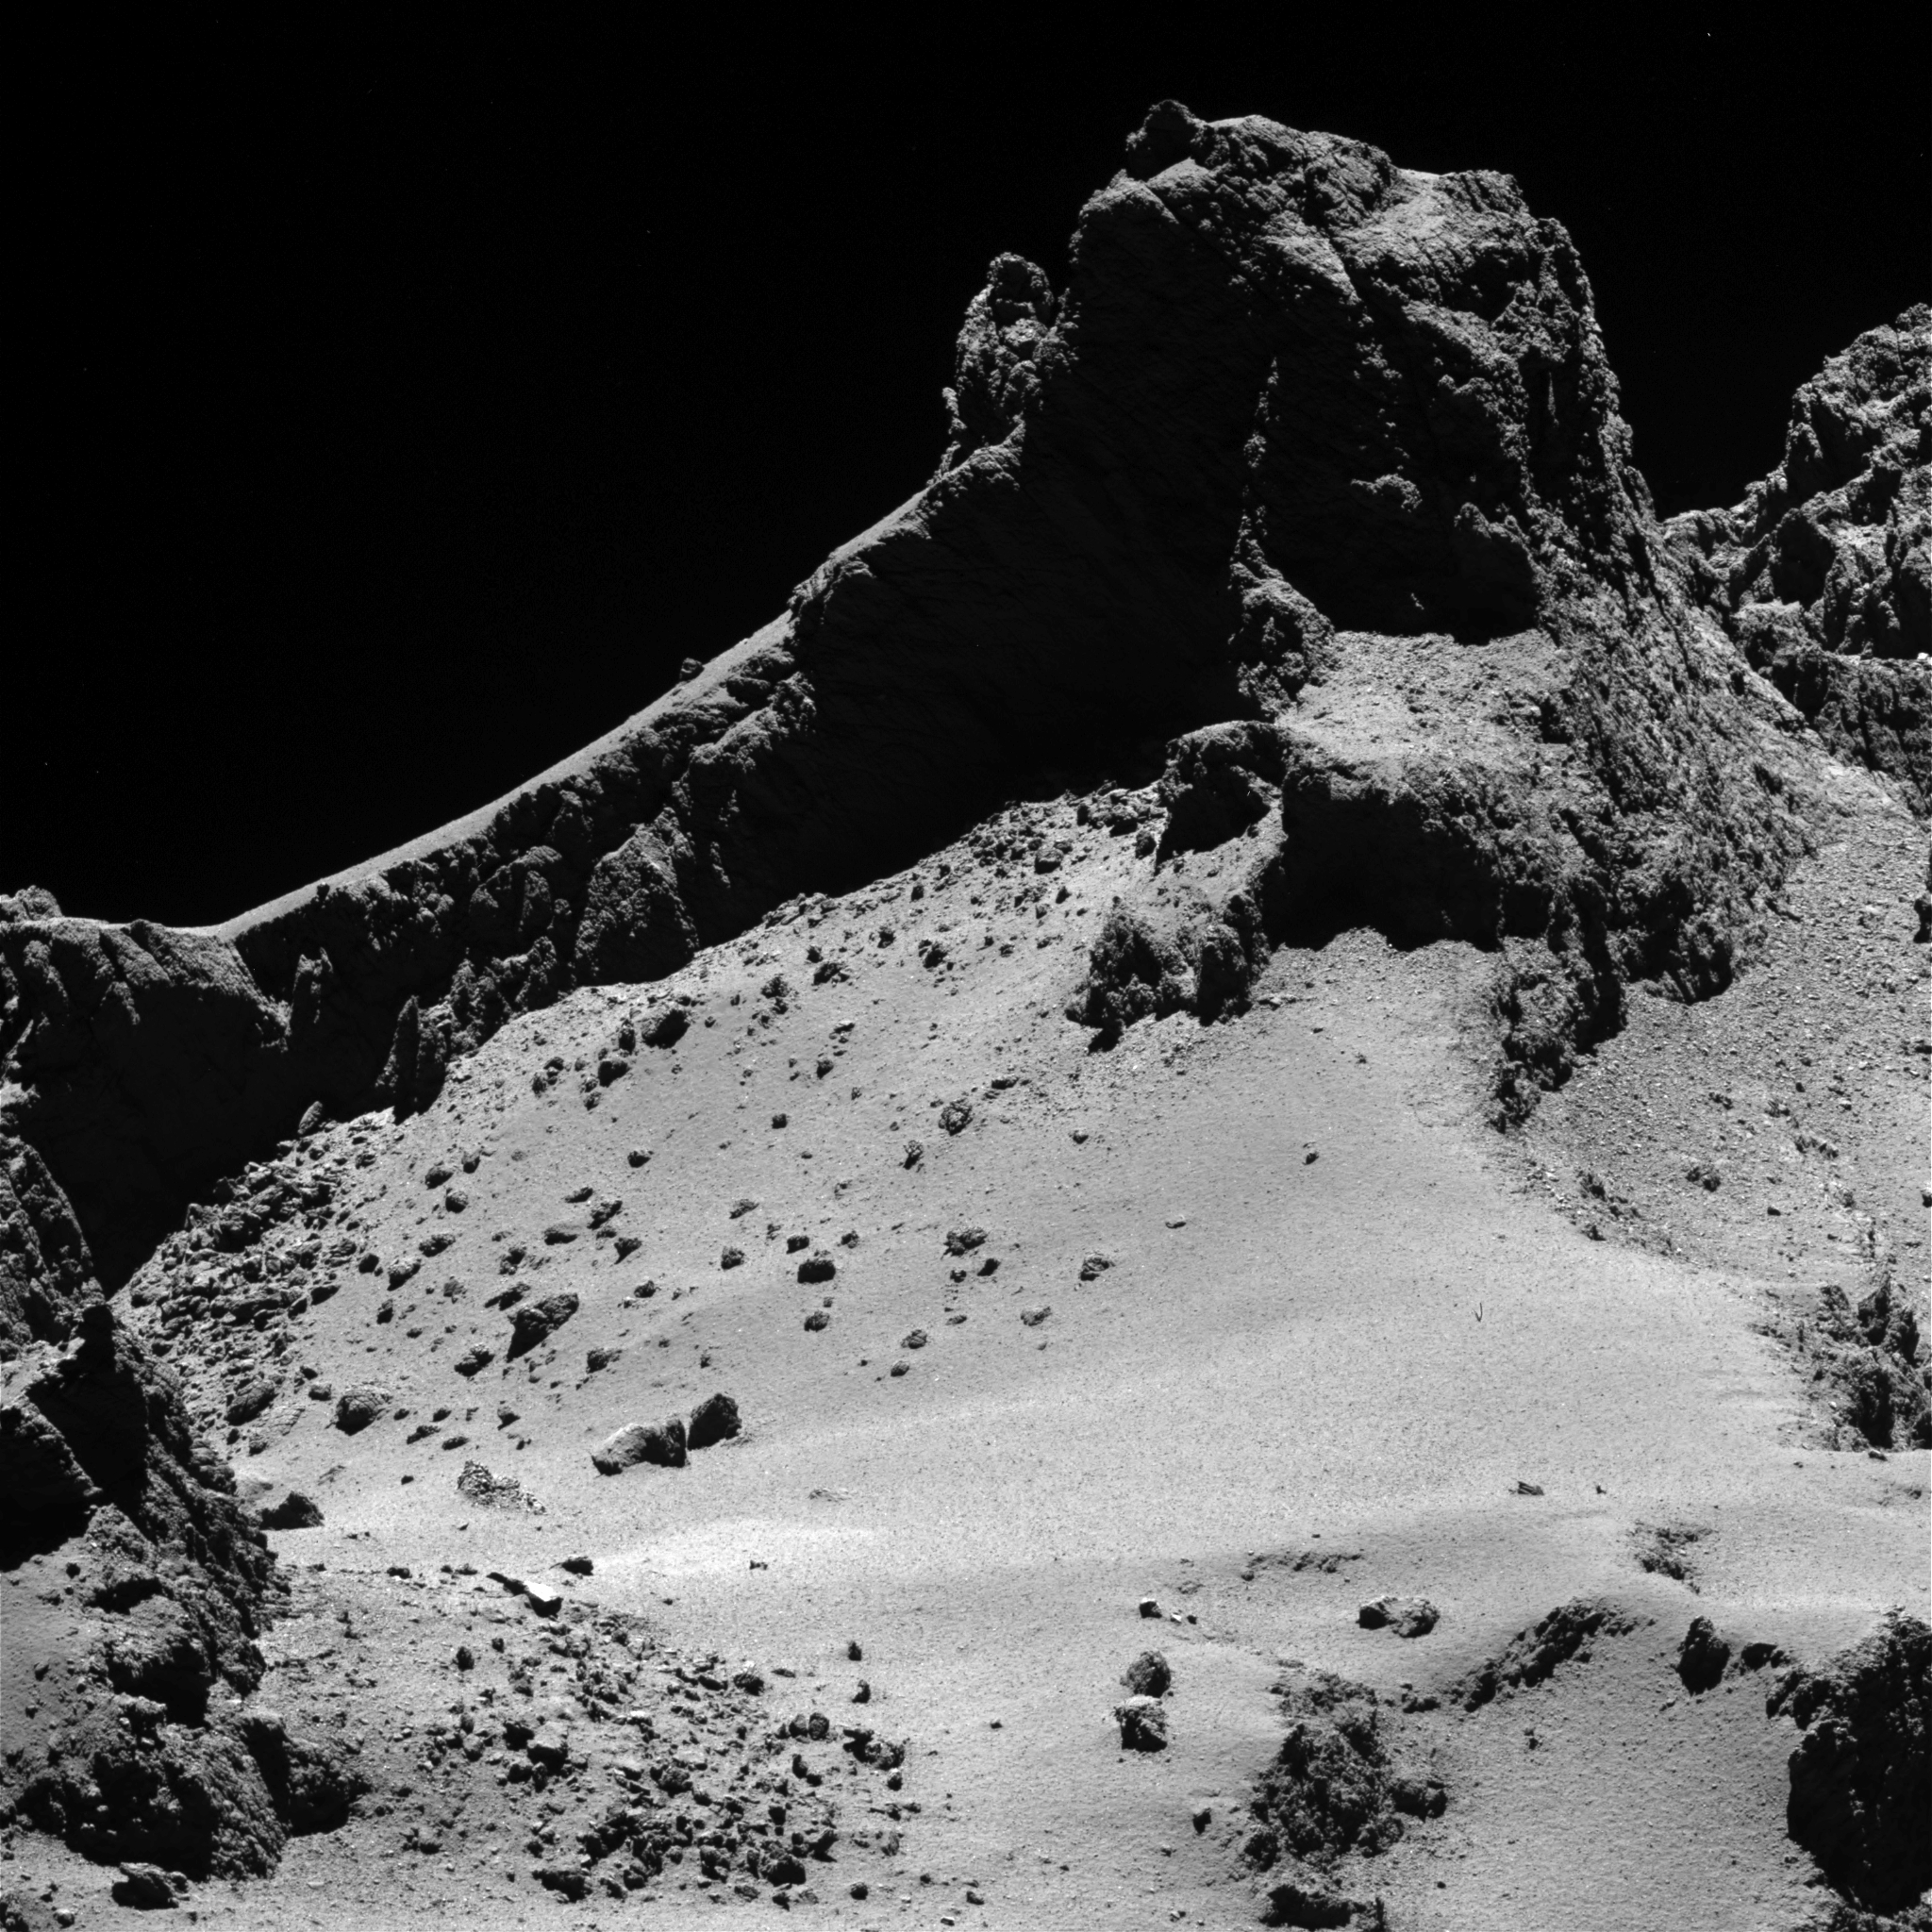 Comet_from_8_km.jpg